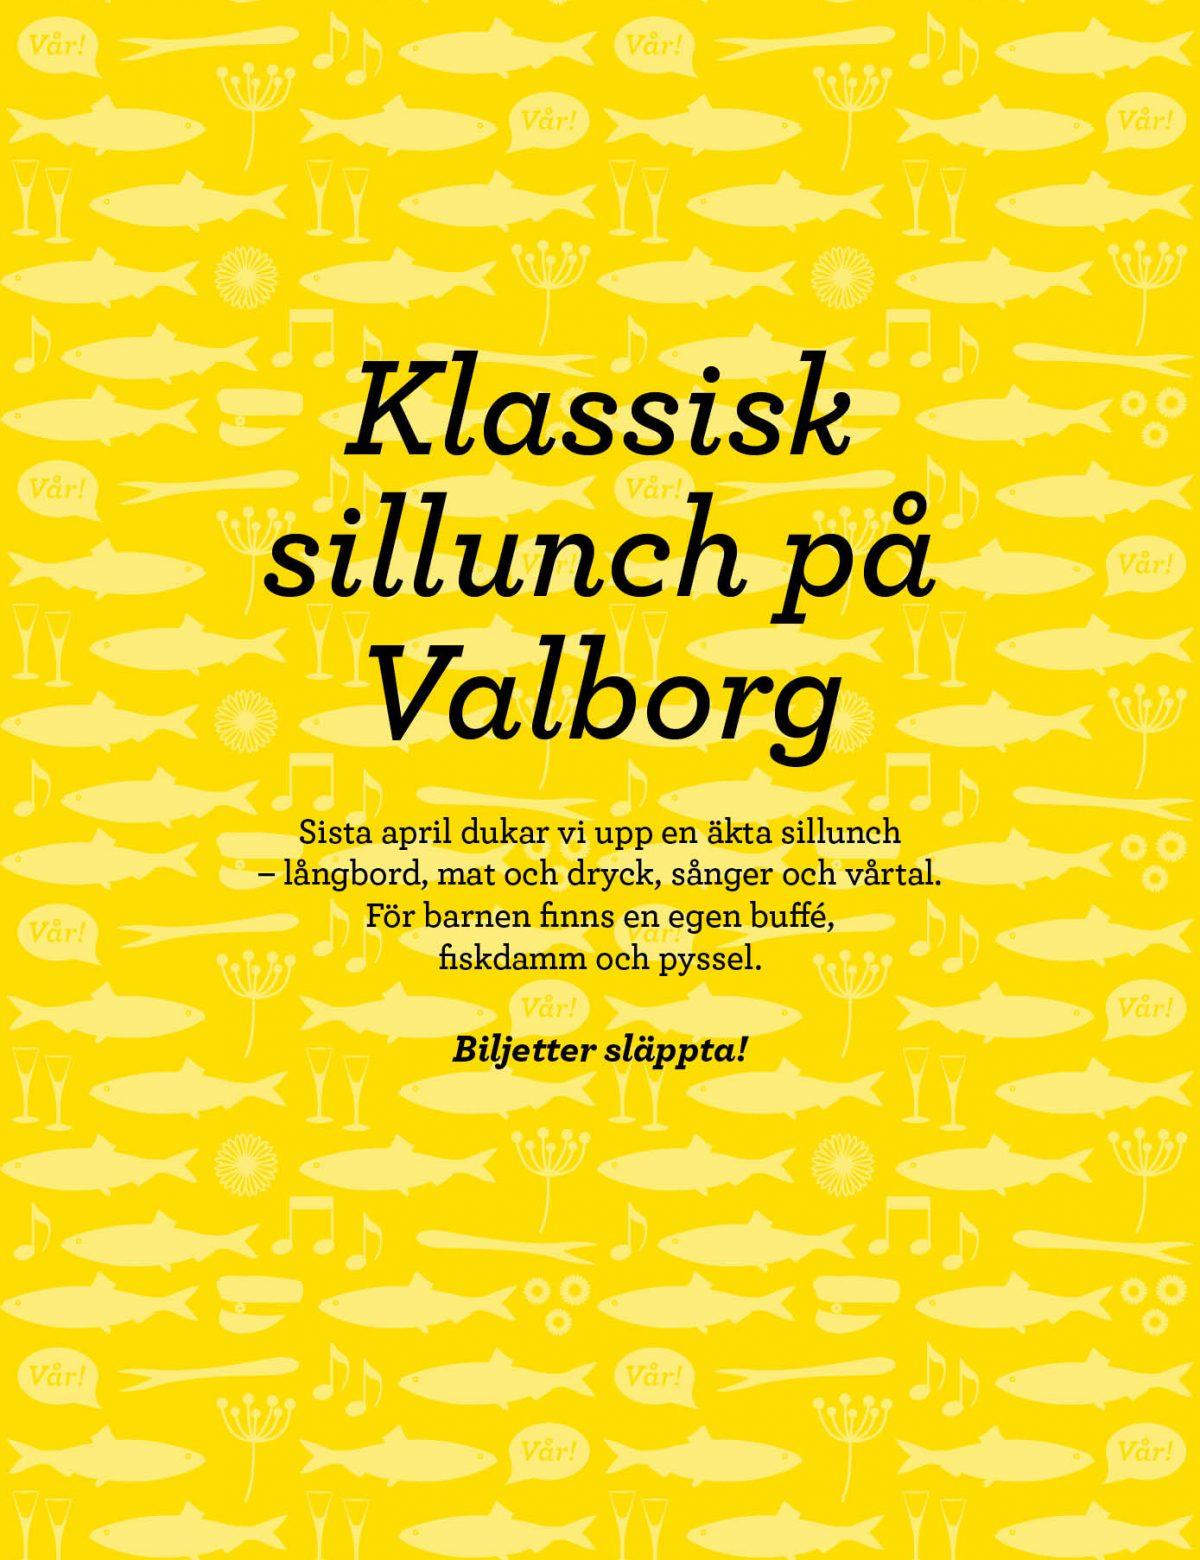 Klassiska sillunch på Valborg.